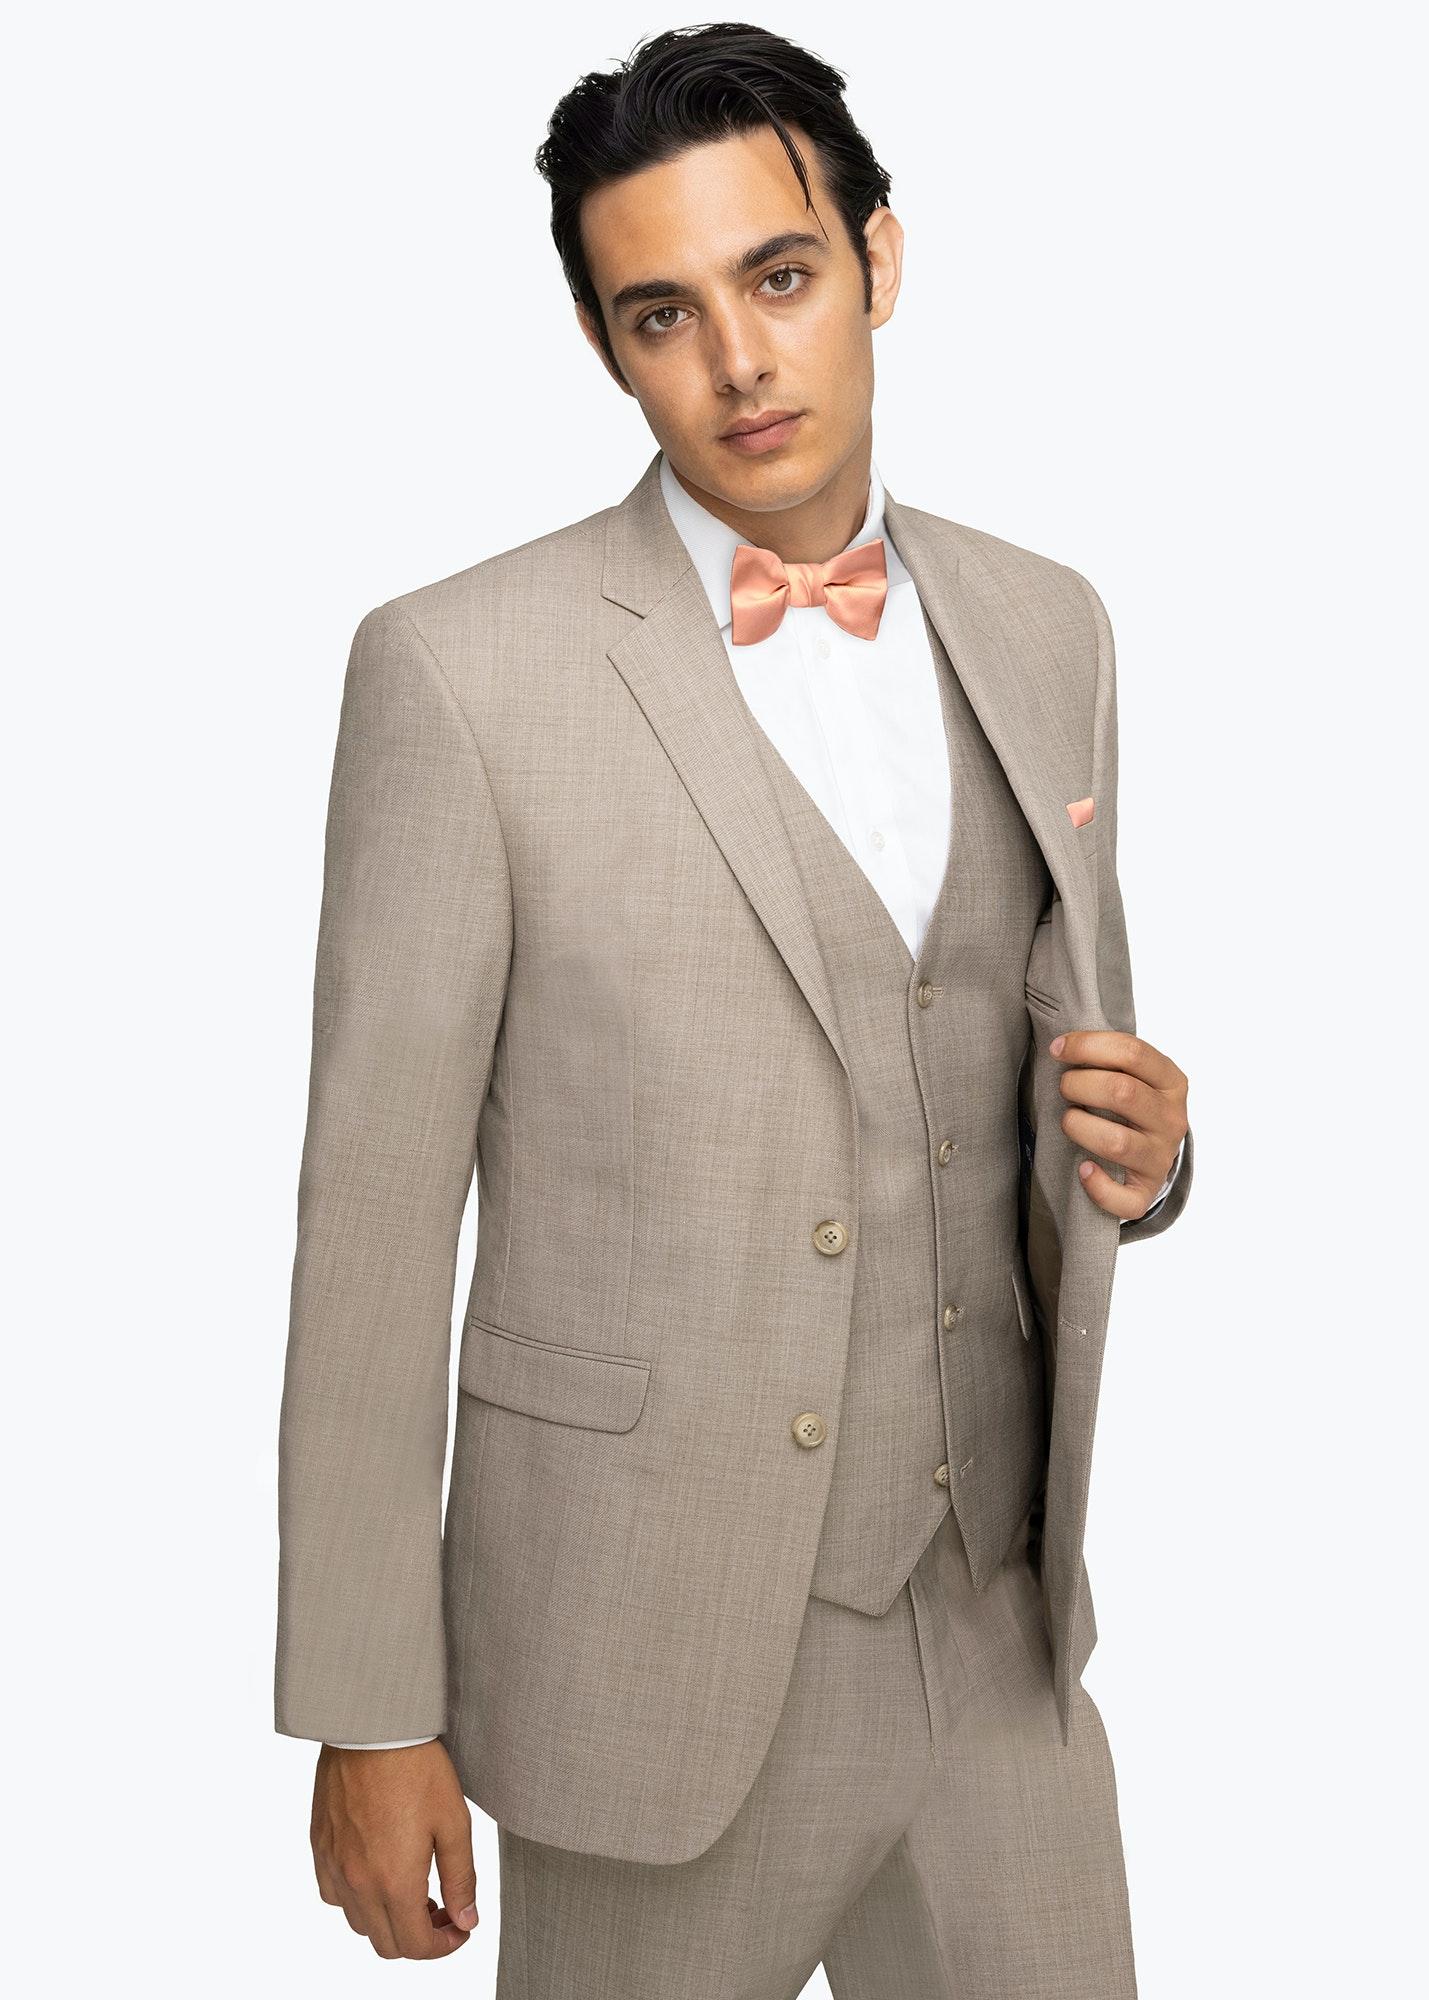 Model in Allure Beige Suit